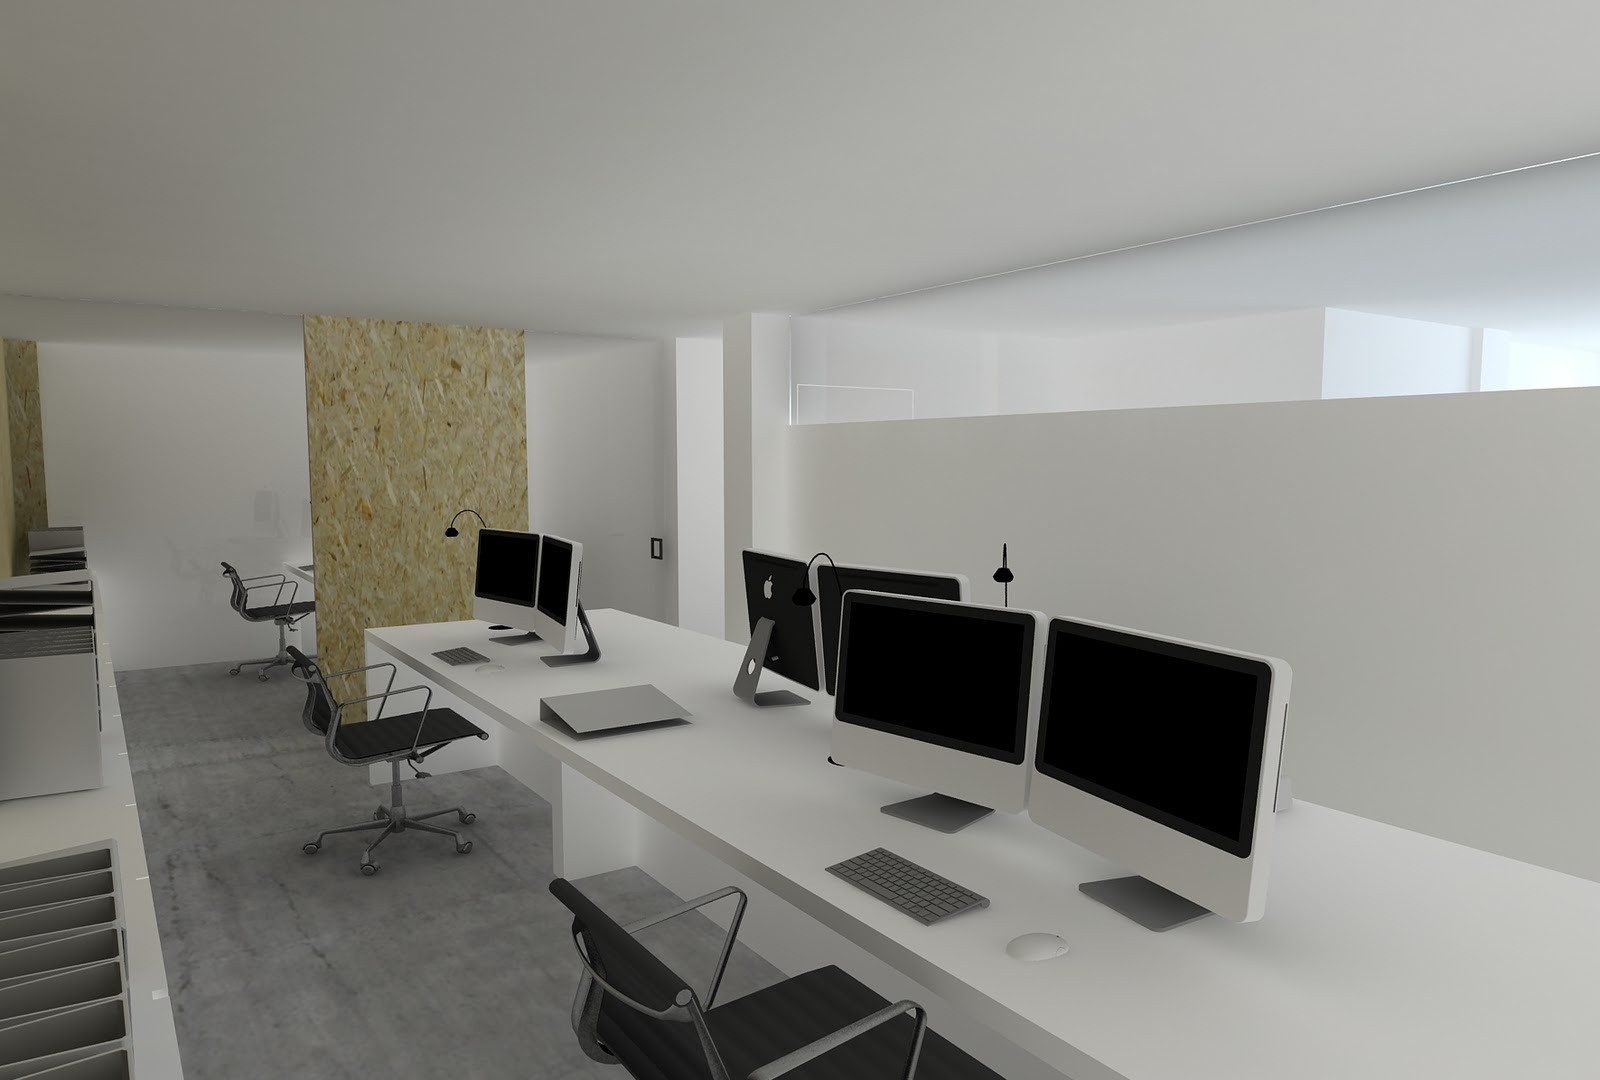 estudio zep oficina en vivienda unifamiliar en alfinach